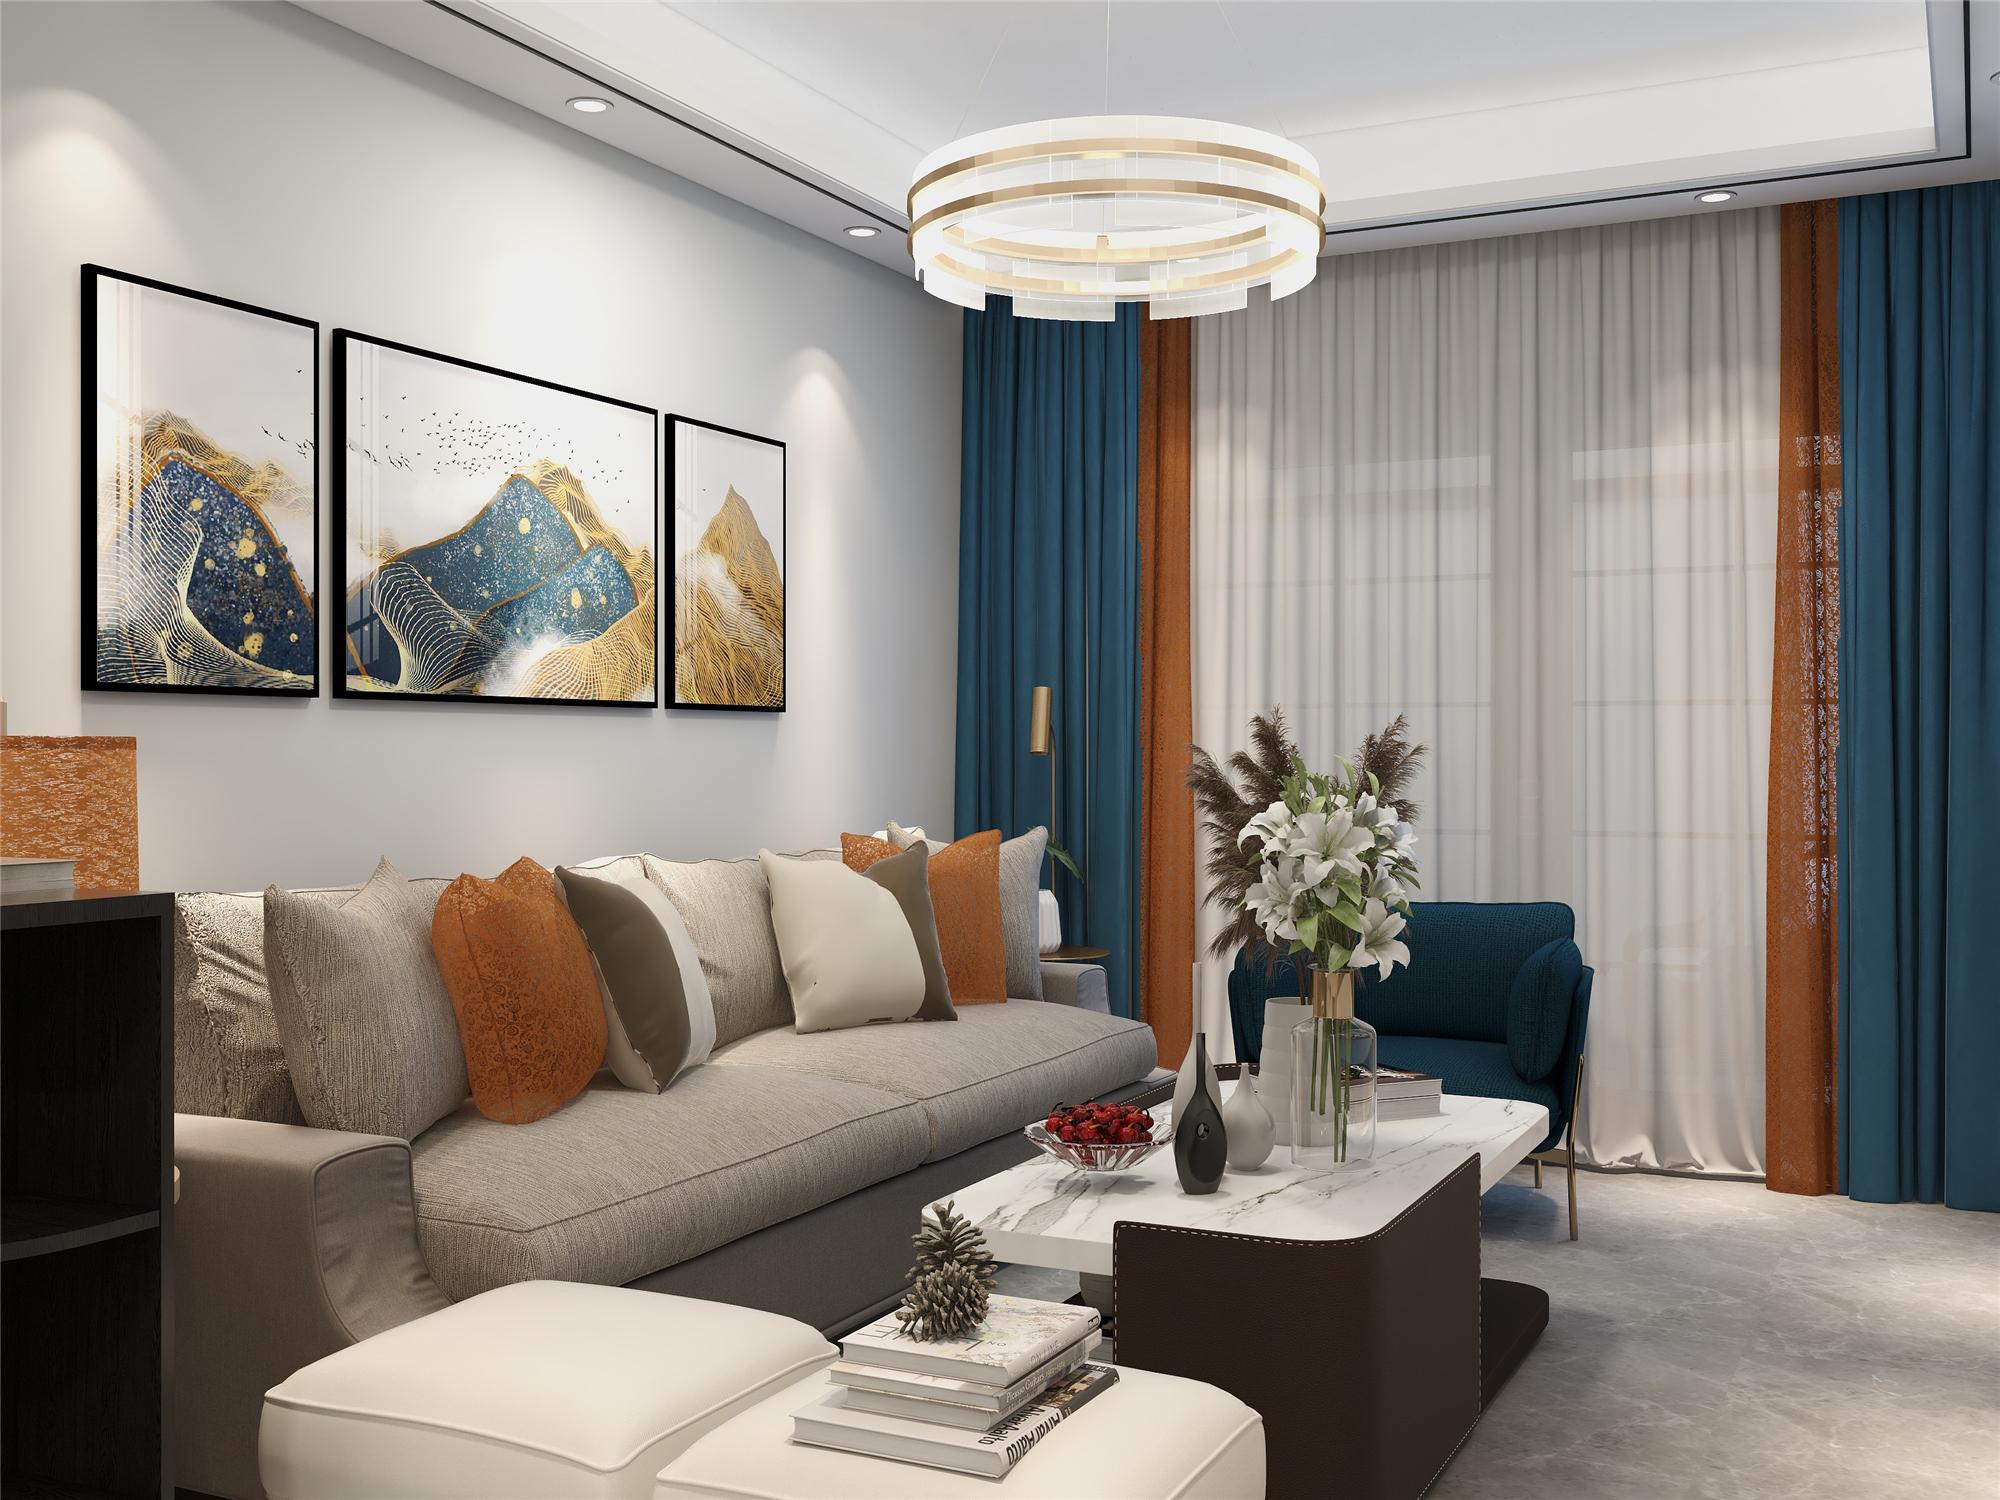 金宝山庄三室两厅现代风格